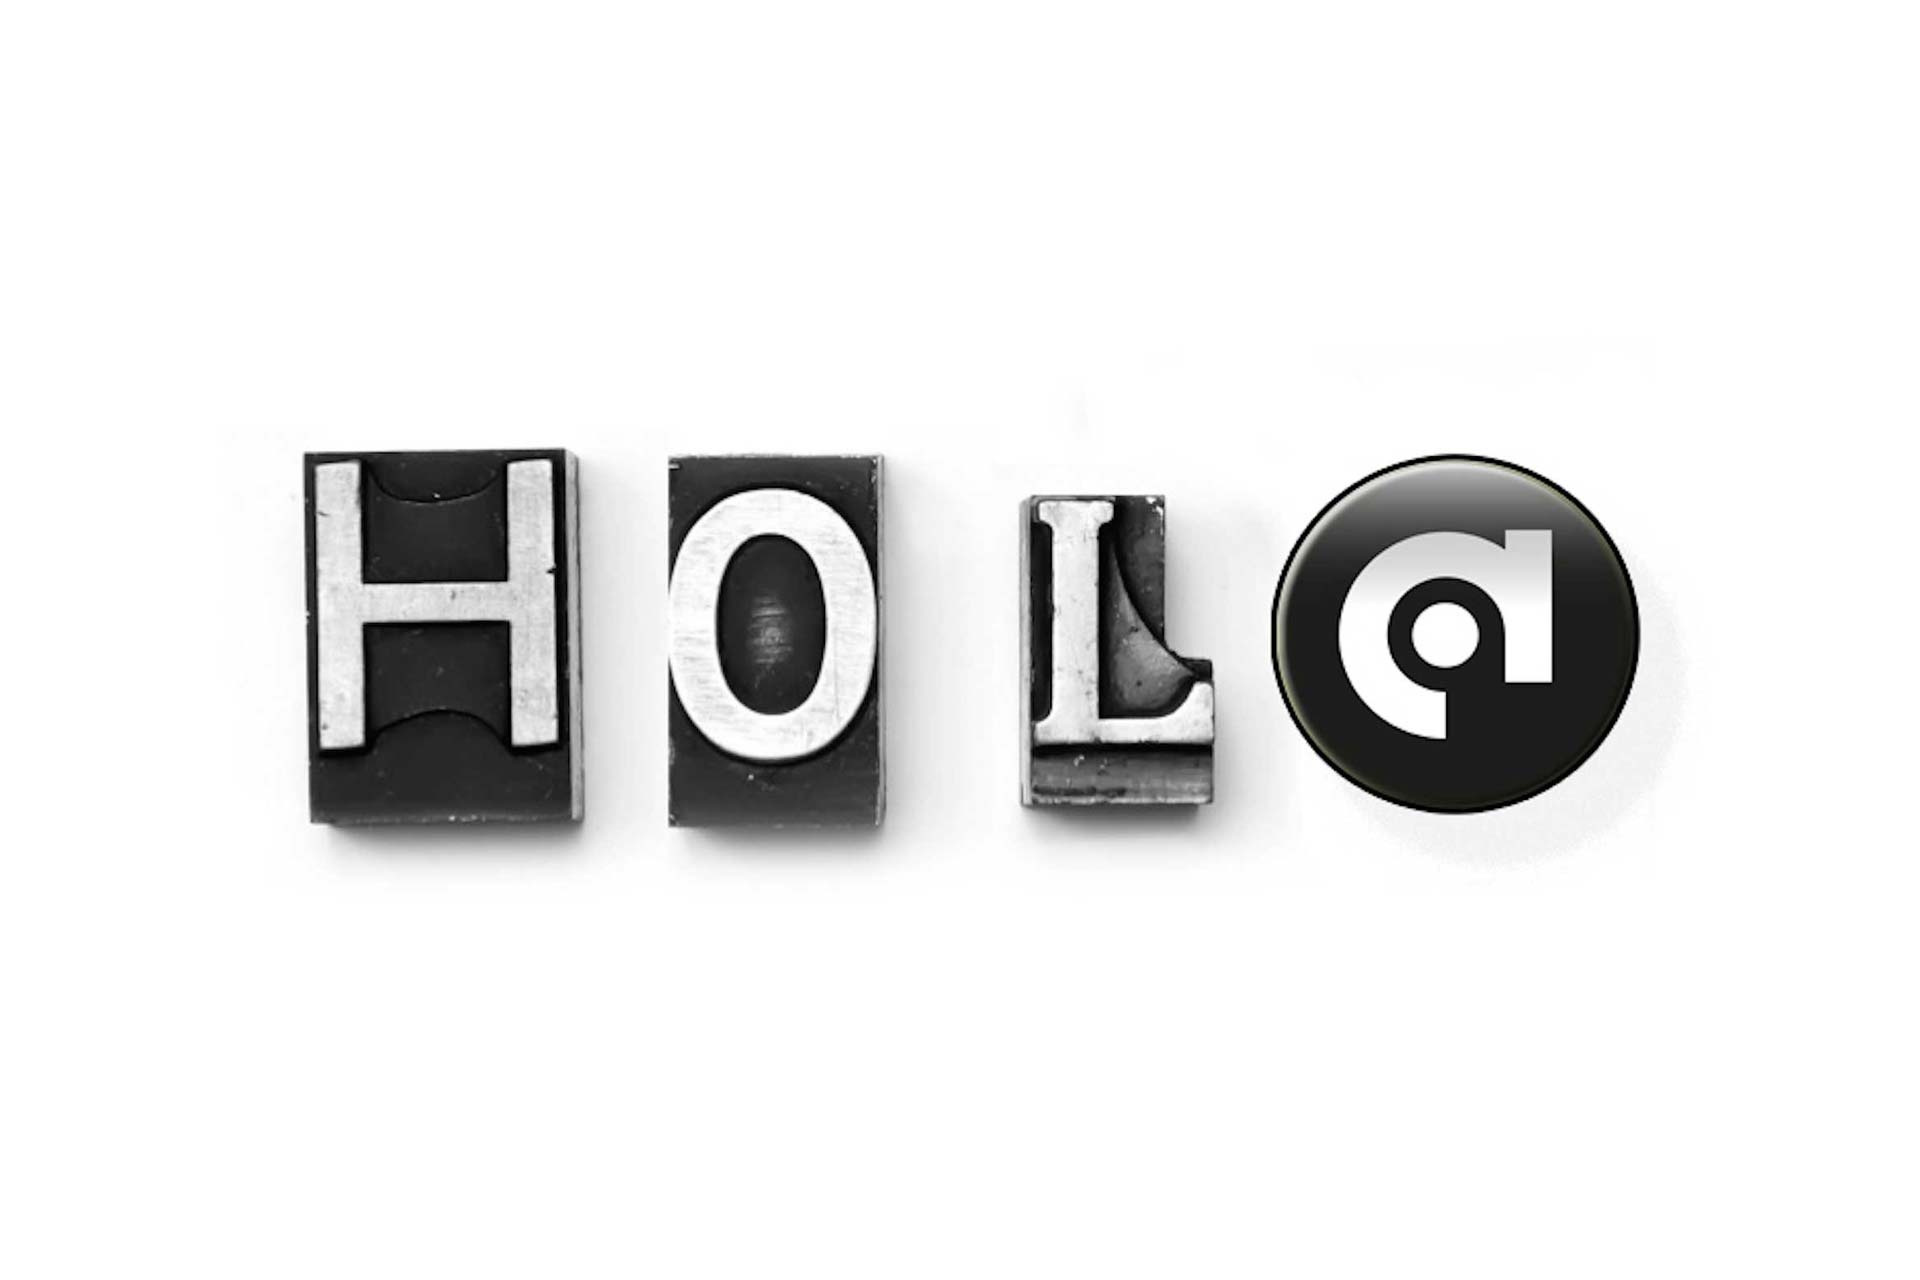 Anuncio - Hola - Agency